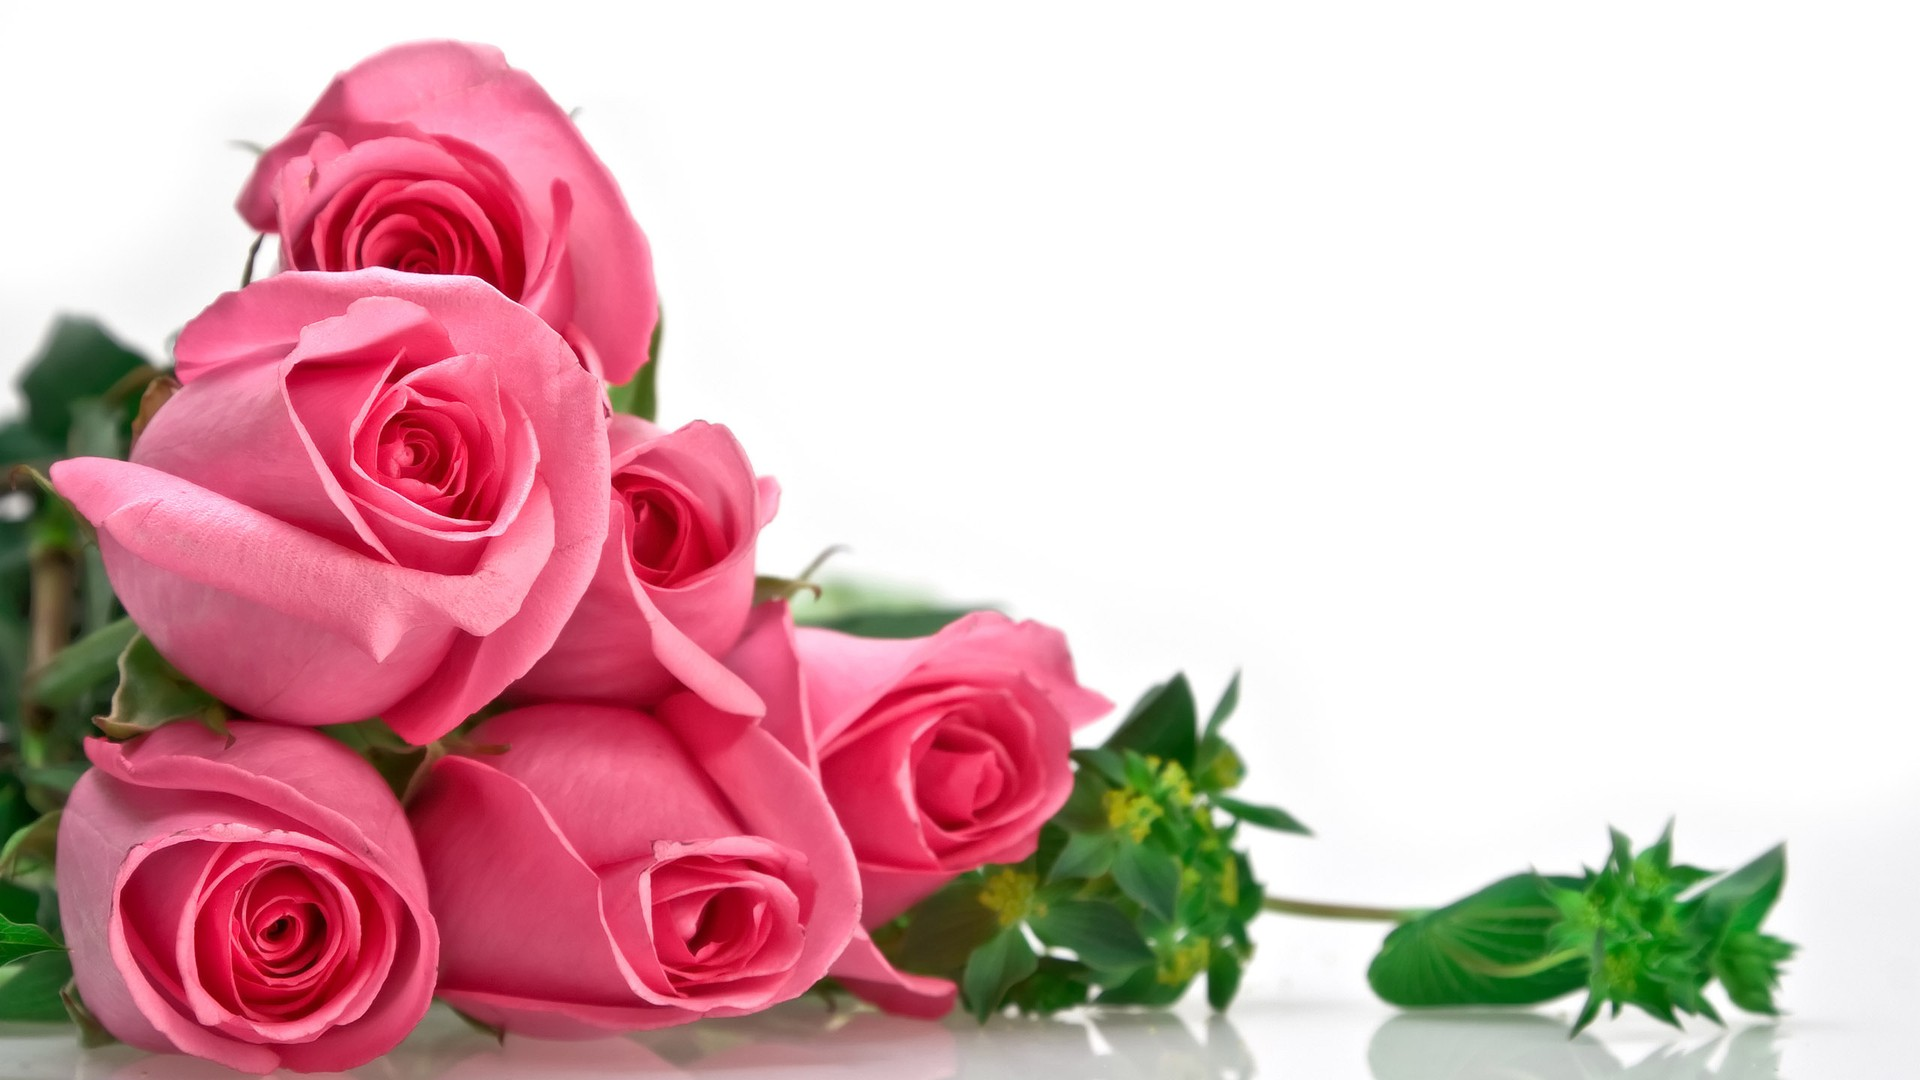 ảnh hoa hồng tình yêu đẹp